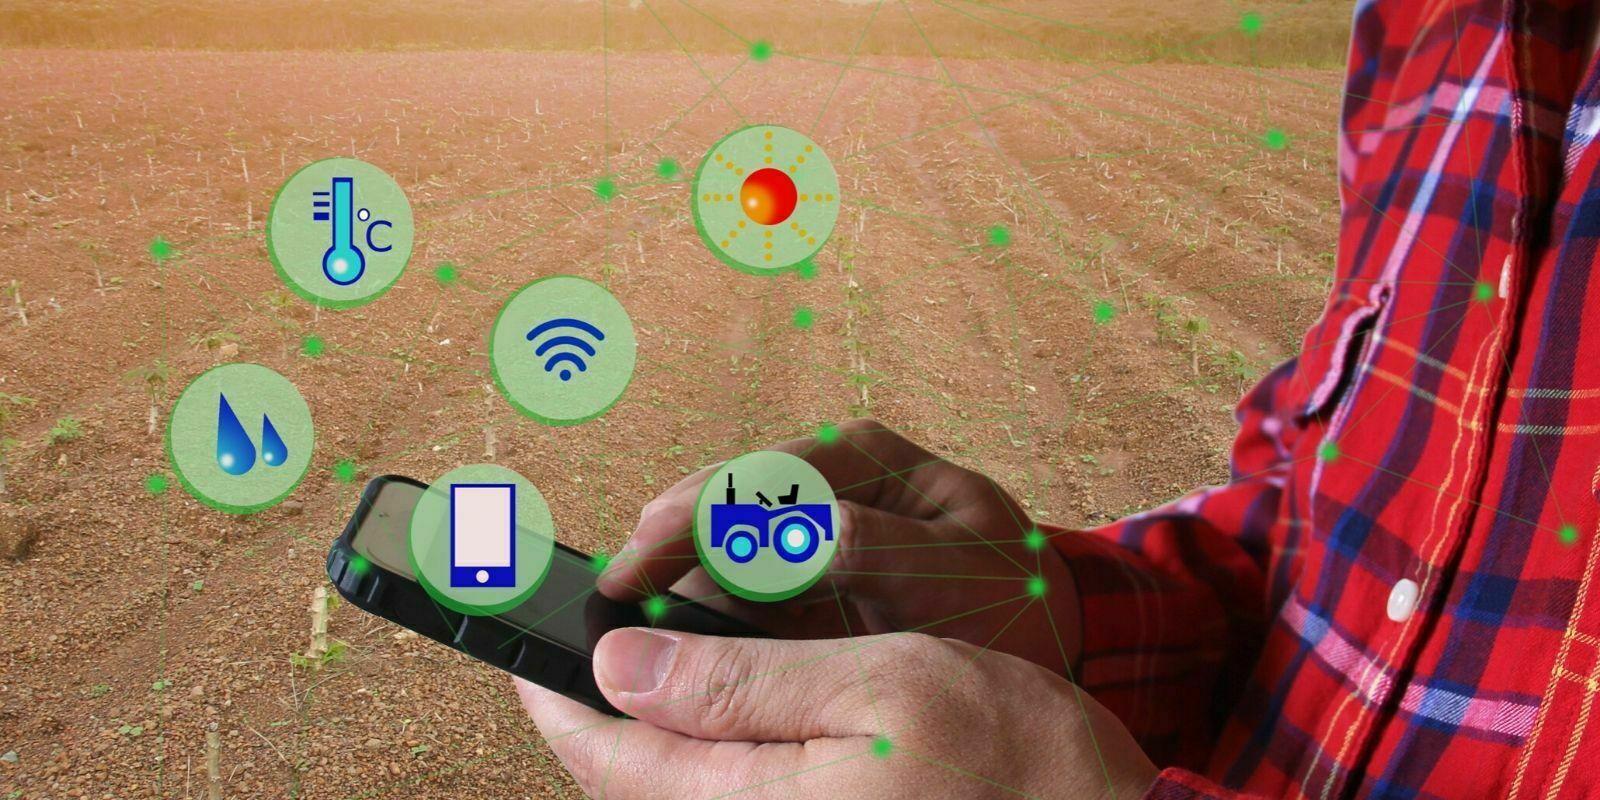 Comment la blockchain peut-elle révolutionner l'agriculture ?